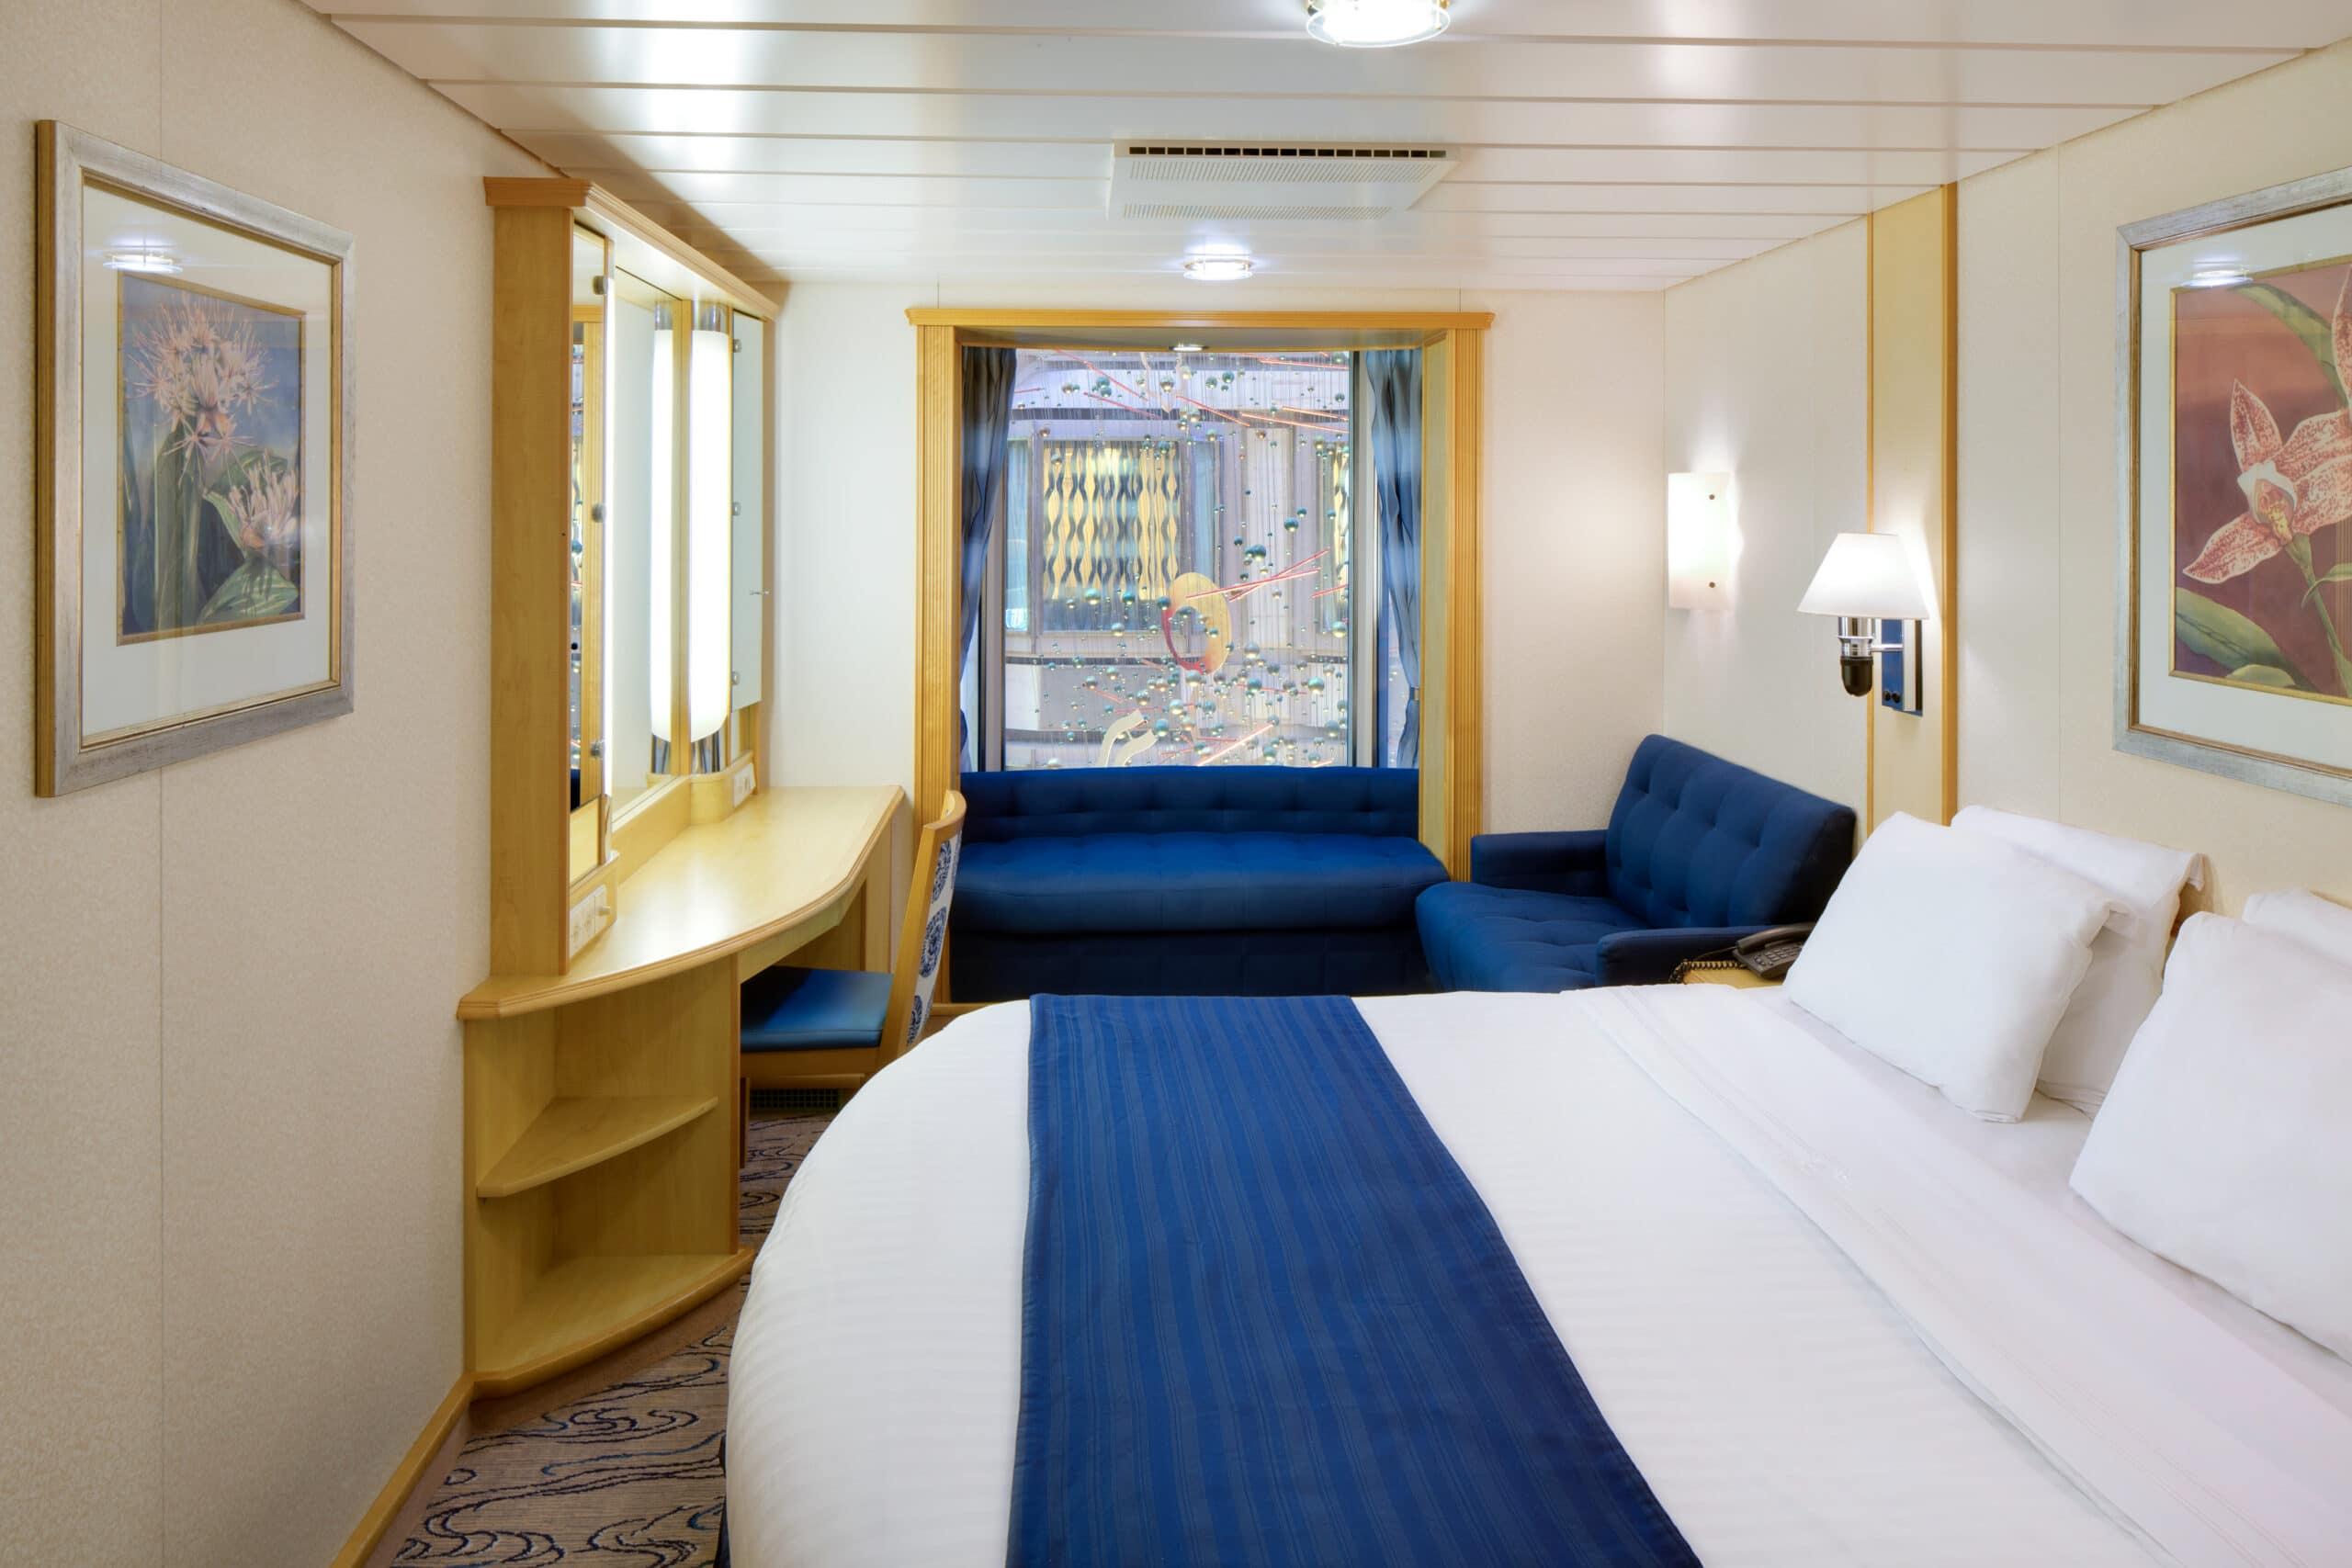 Royal-Caribbean-International-Navigator-Voyager-of-the-Seas-schip-cruiseschip-categorie-1T-promanade-binnenhut